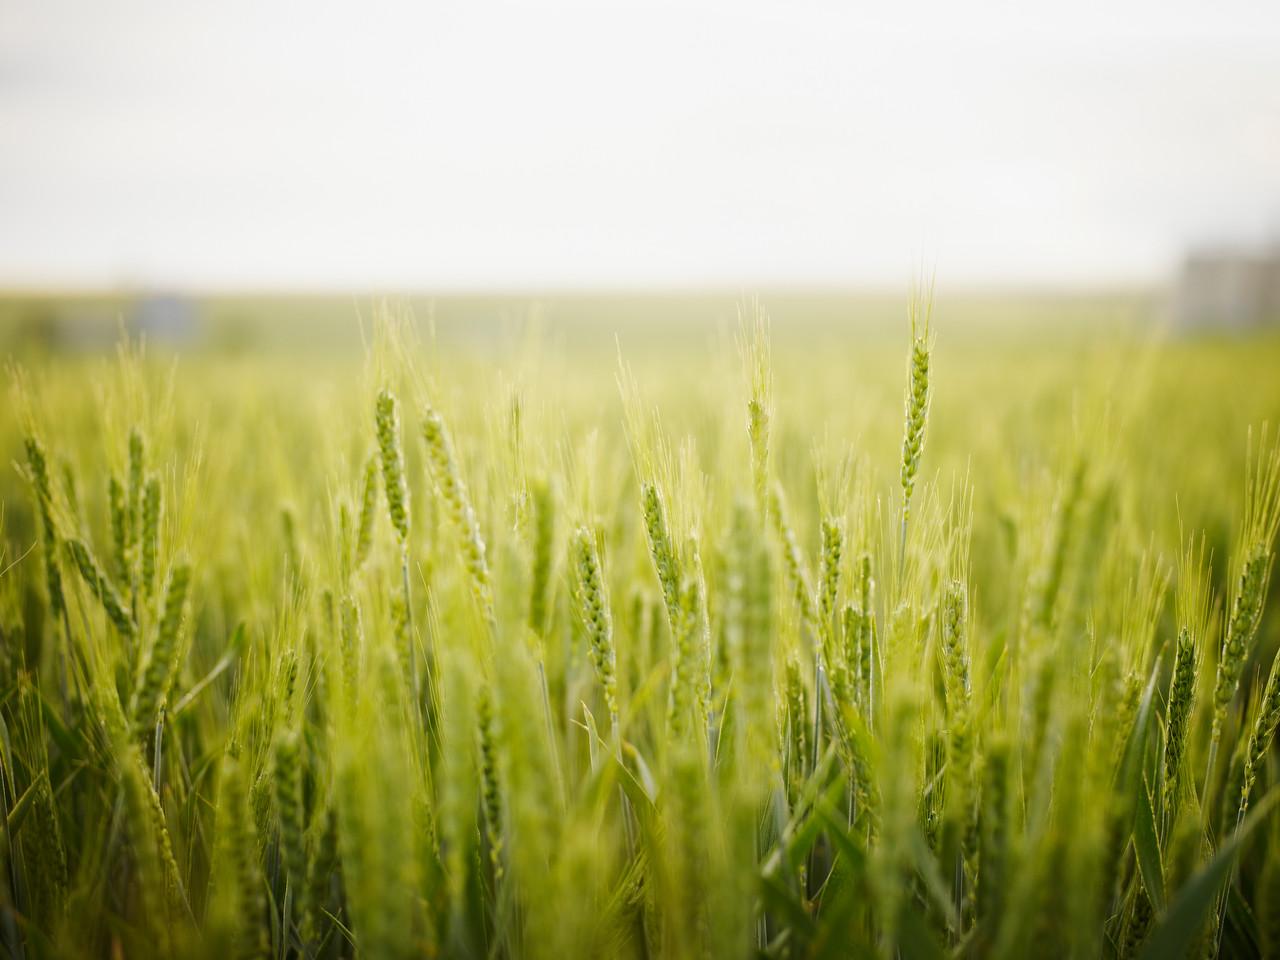 3762_grain-landscape-47